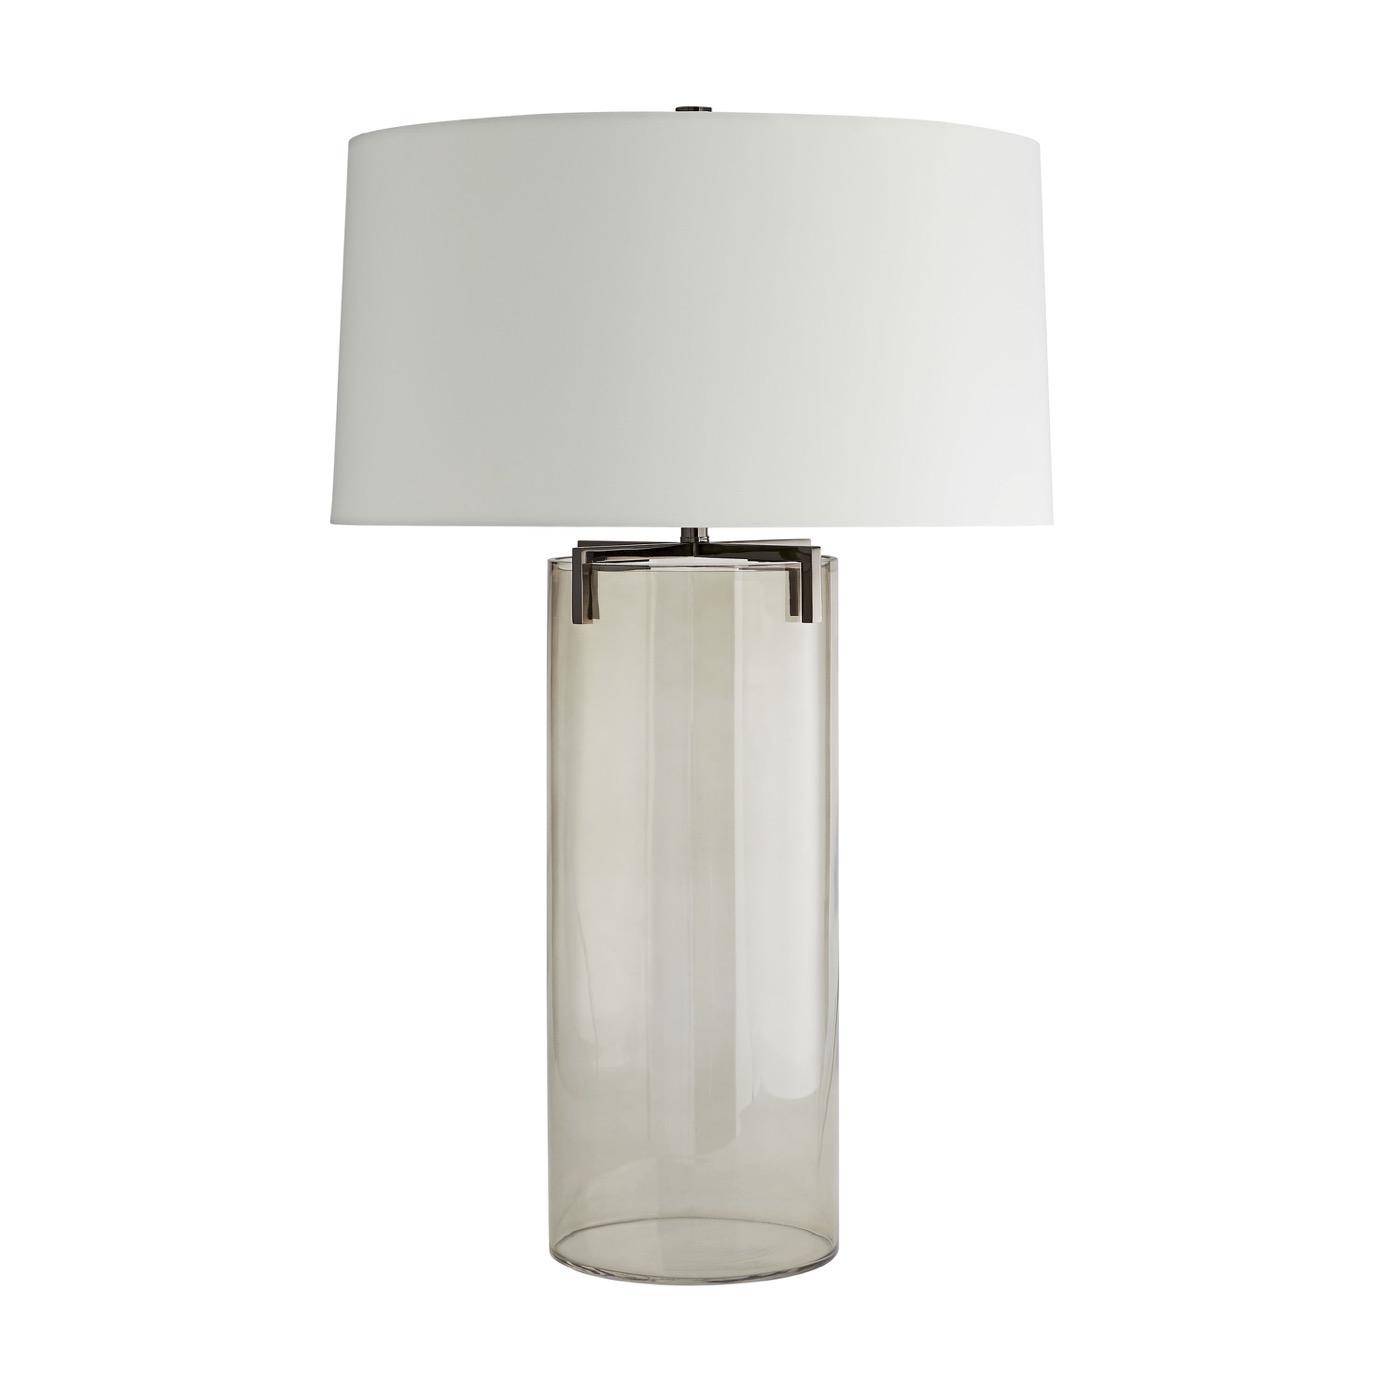 Vane Glass Table Lamp | Brown Nickel